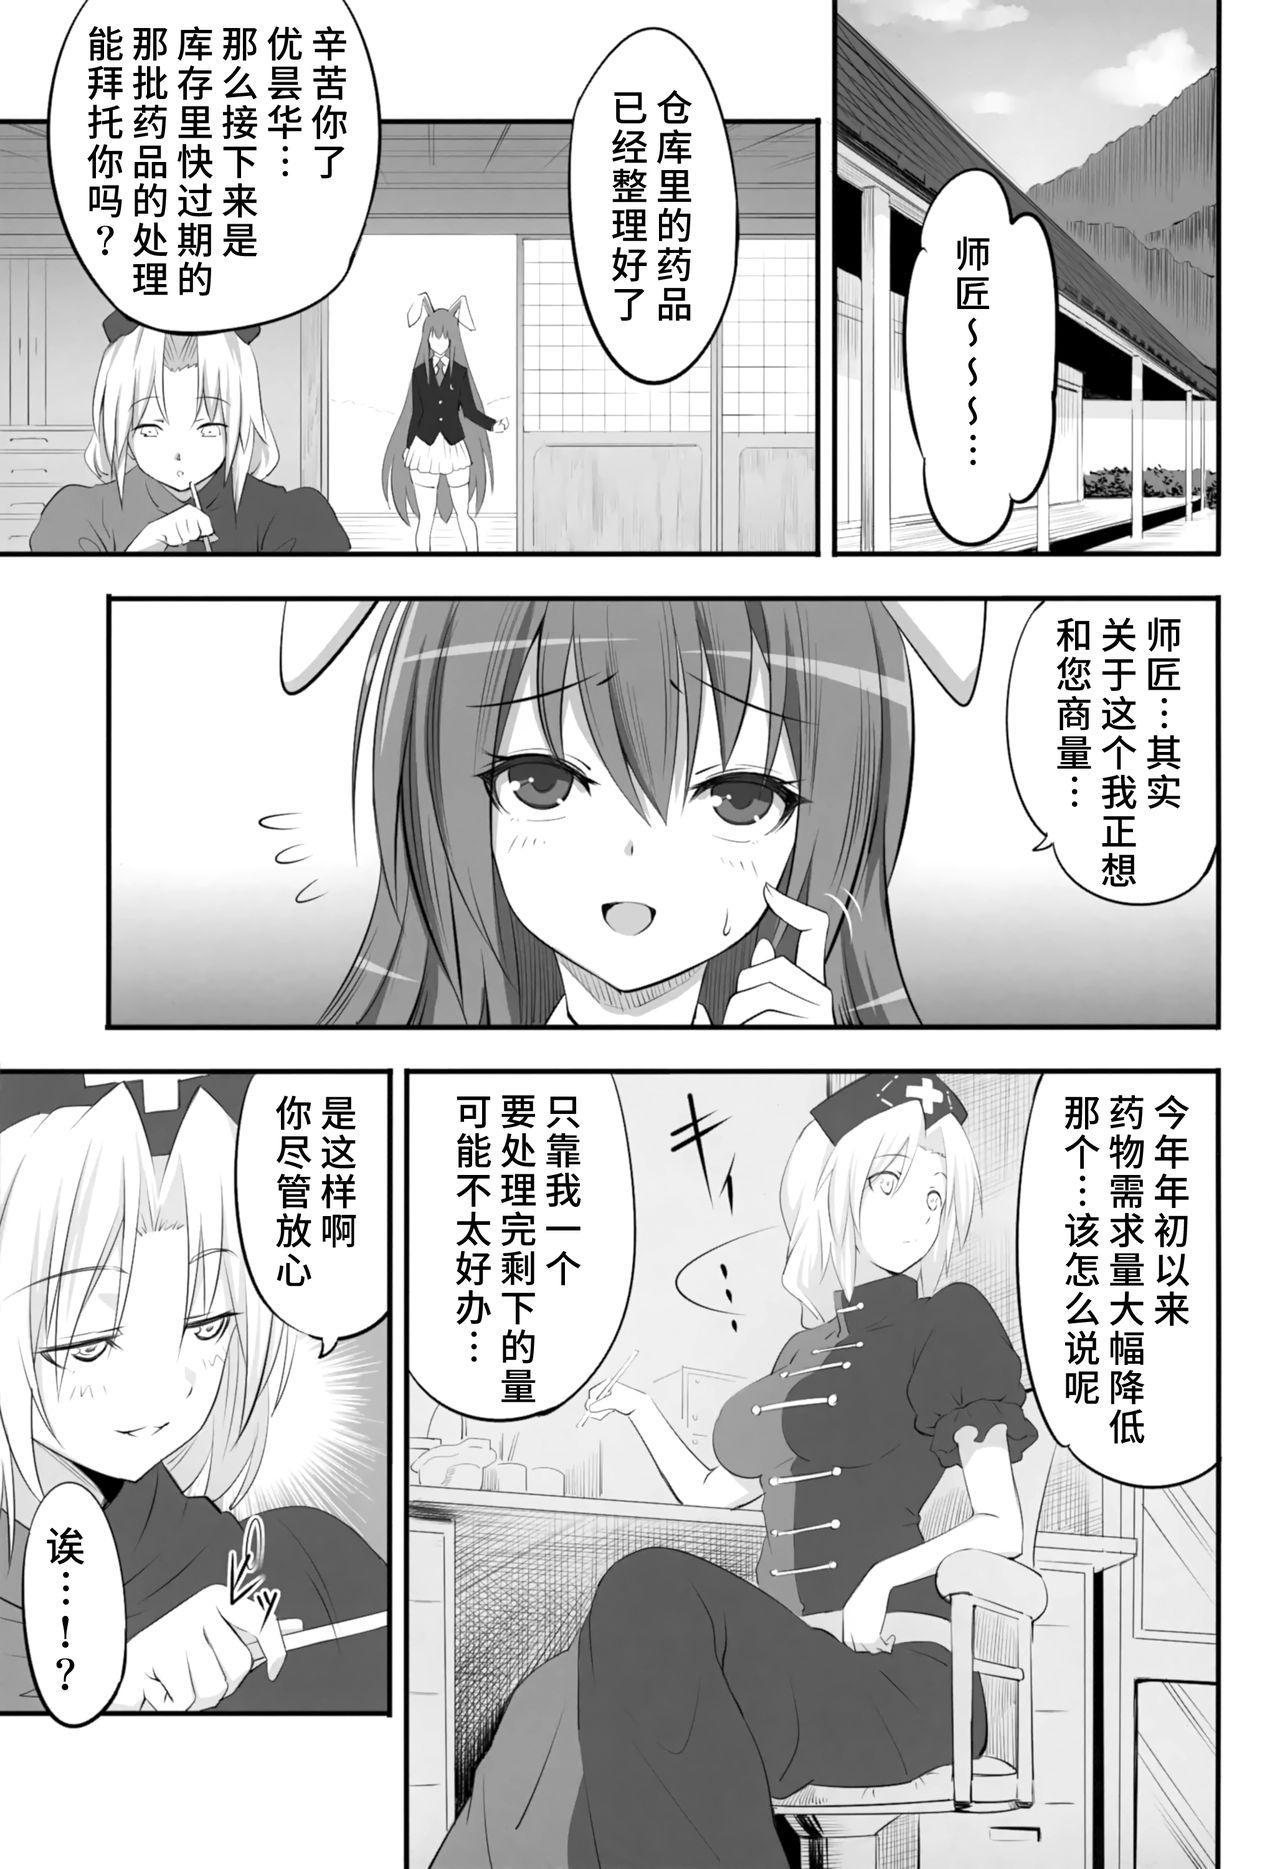 Udonge ga Okusuri no Zaiko Shobun Suru Hon 1